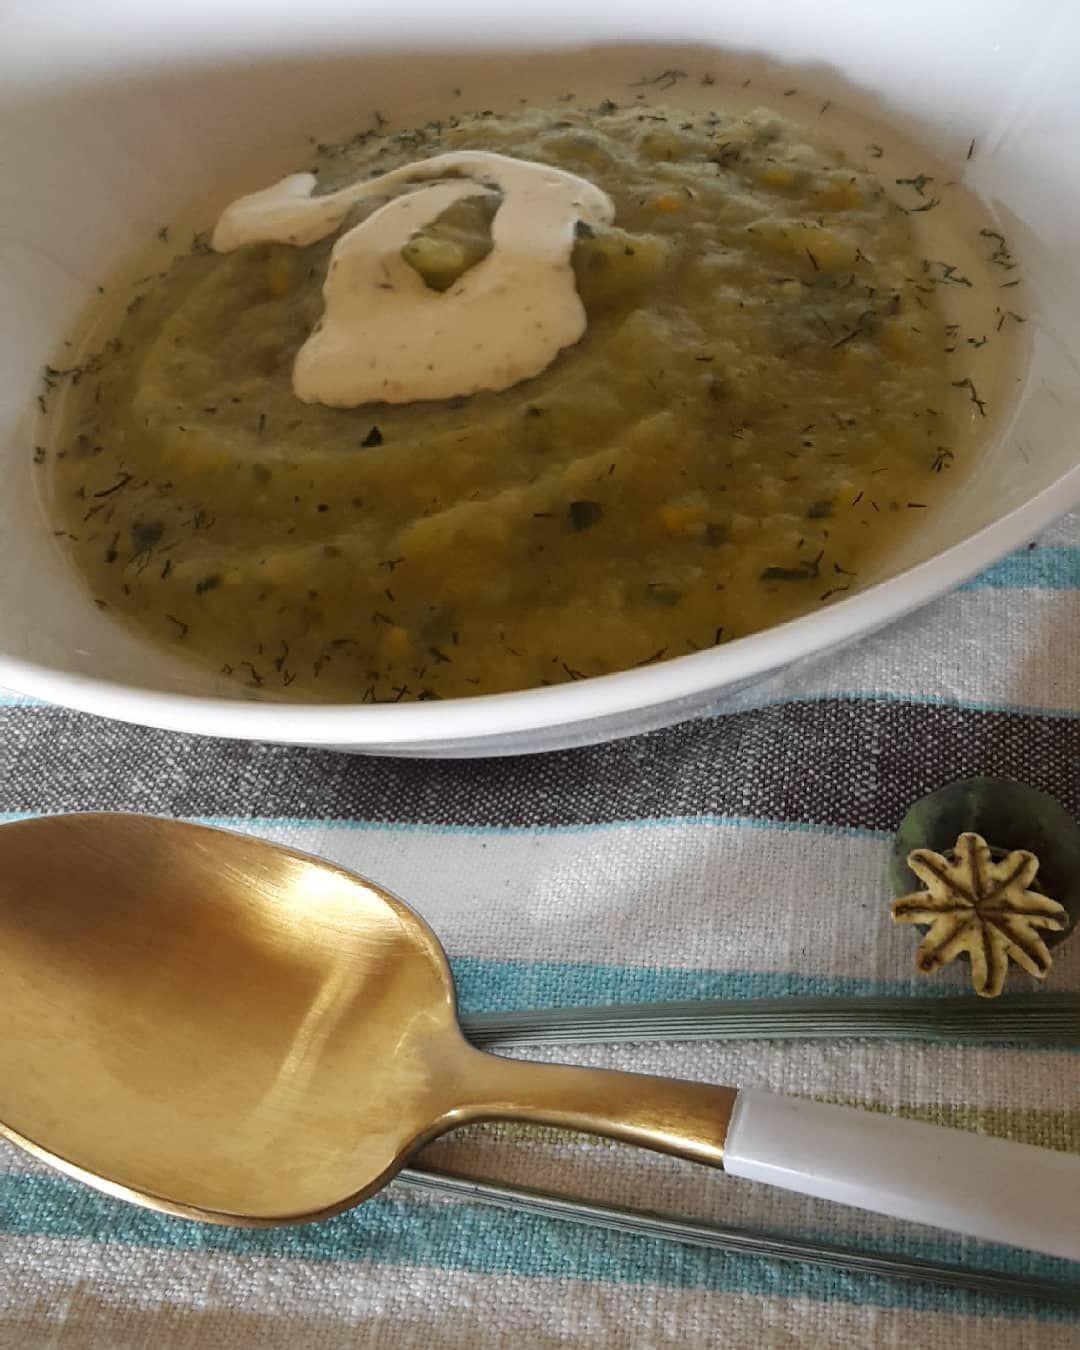 ... da gab es nochmal Zucchinisuppe, grün und gelb, yummi und so vielfältig 😋❣